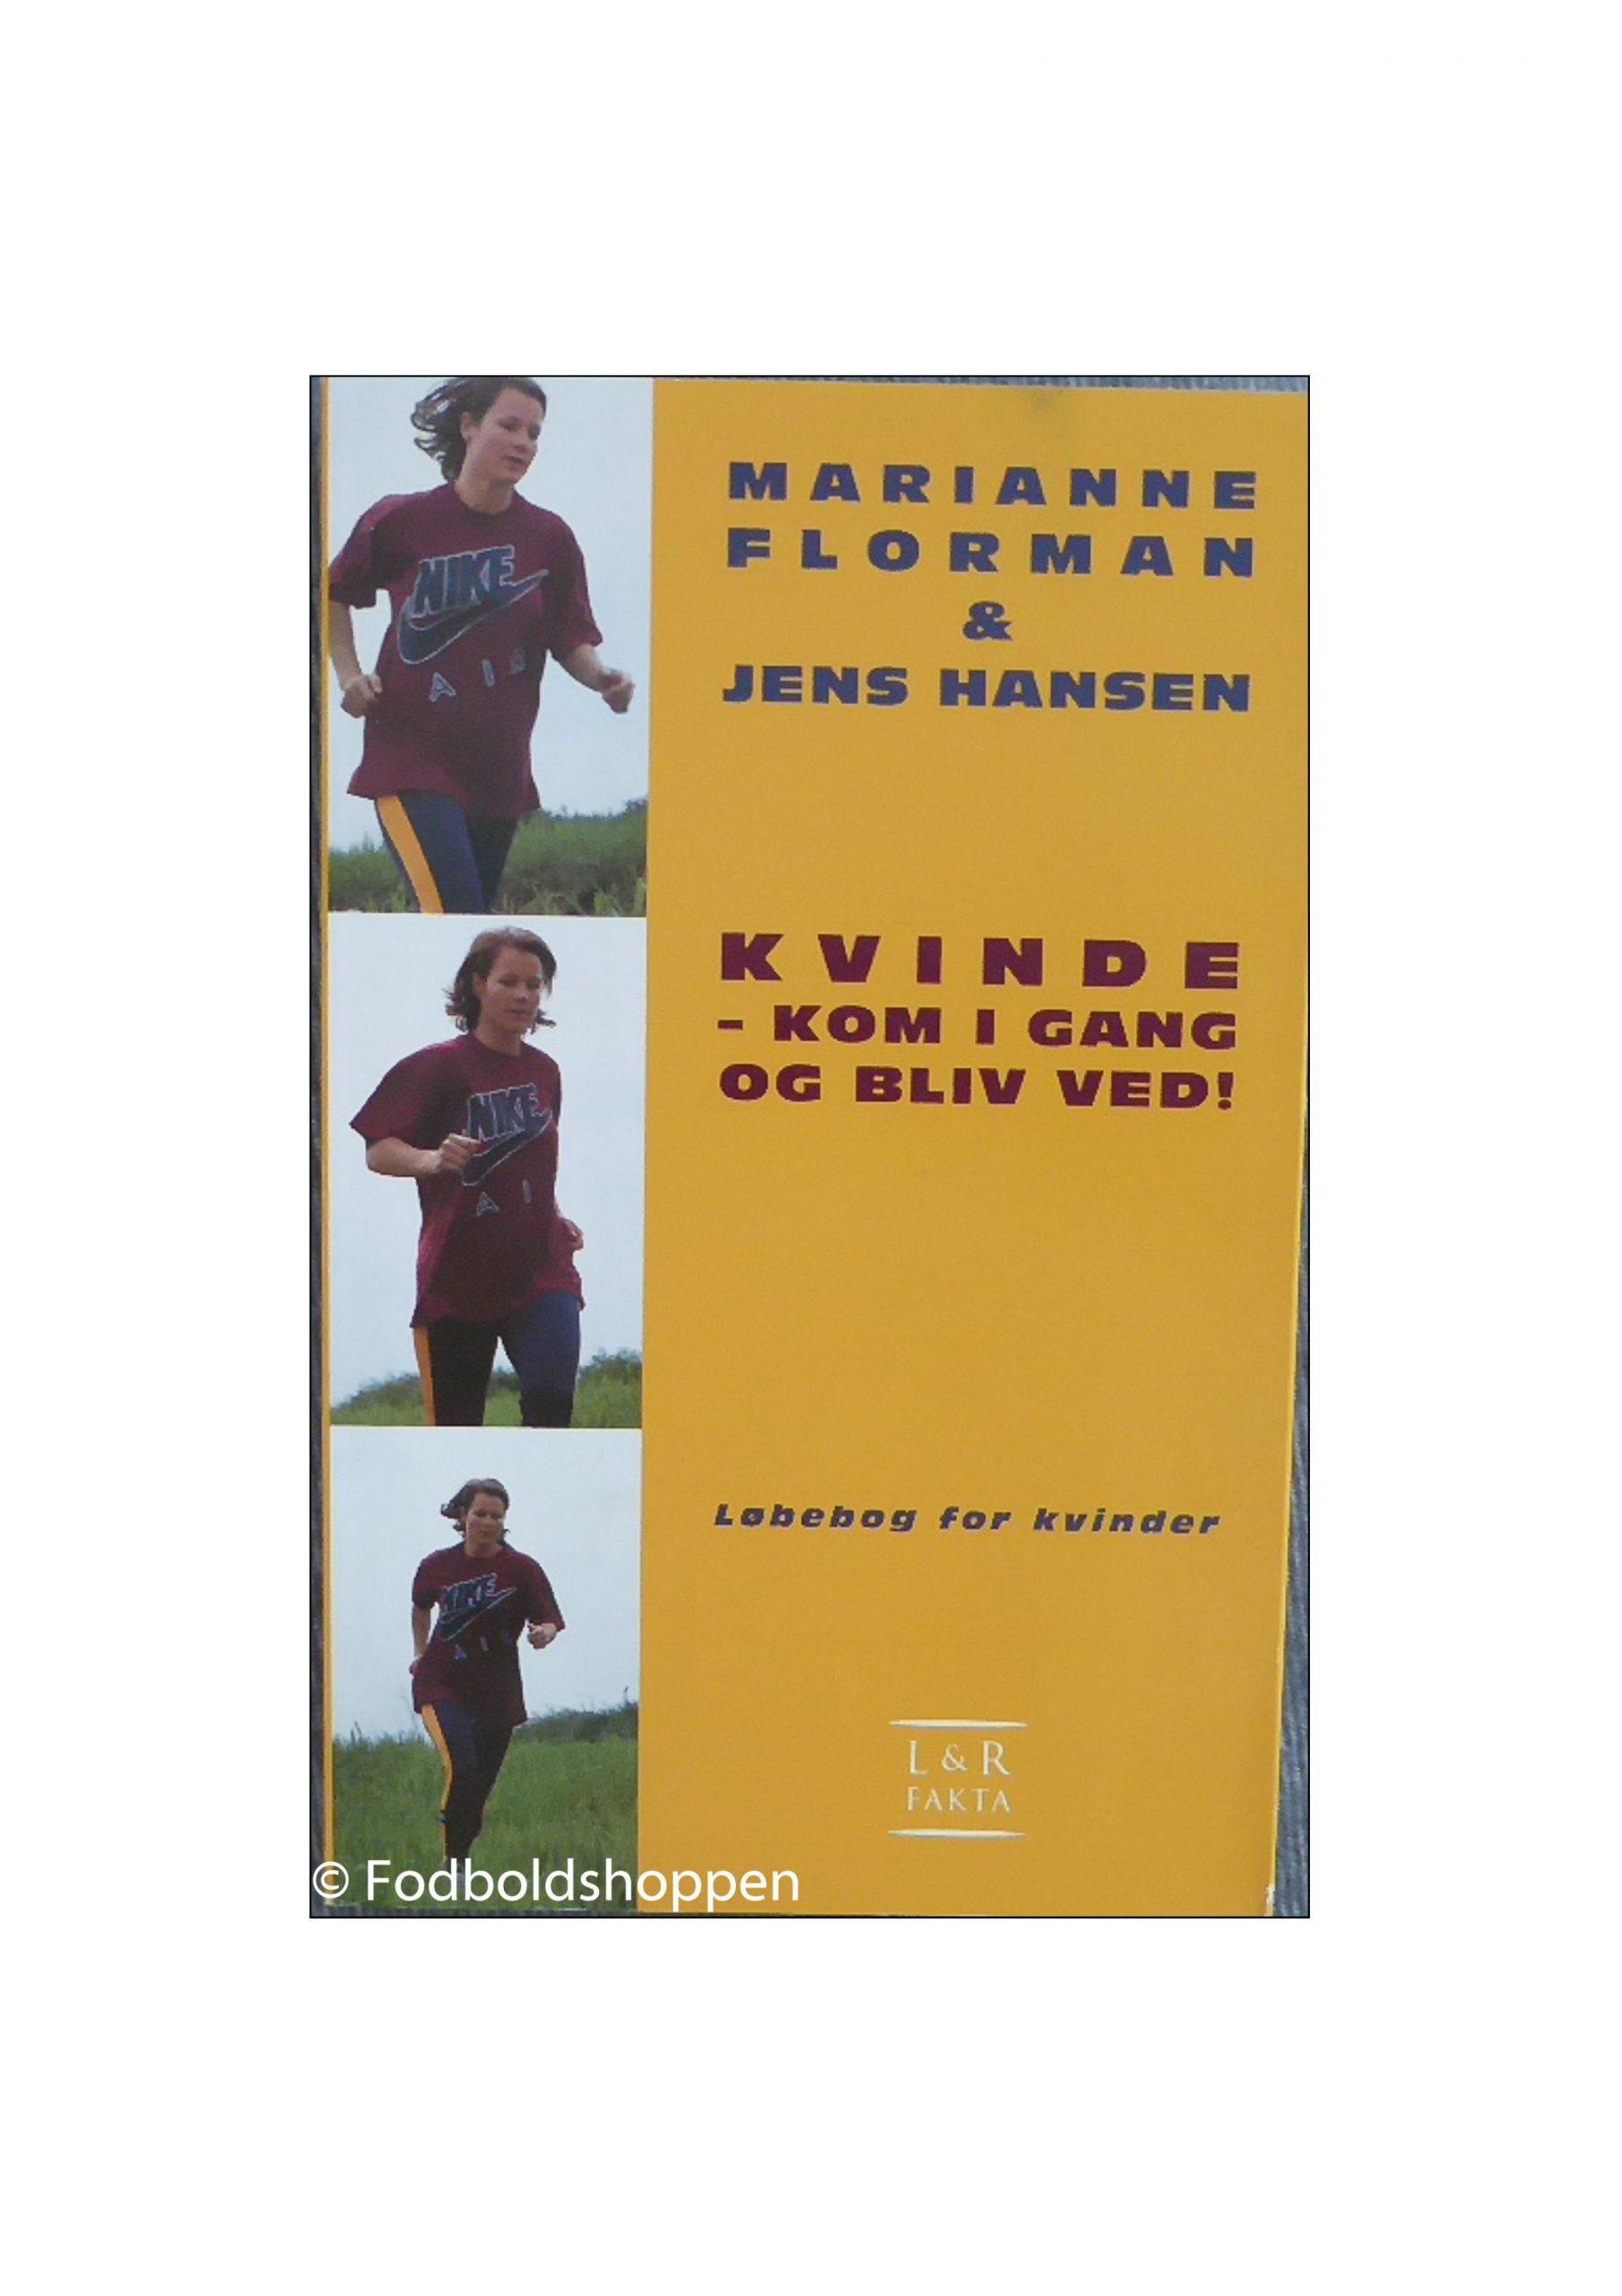 En løbebog til alle kvinder, som uanset forudsætninger gerne vil gøre noget for deres krop og sjæl. Af landsholdsspiller Marianne Florman og idrætspsykolog Jens Hansen.